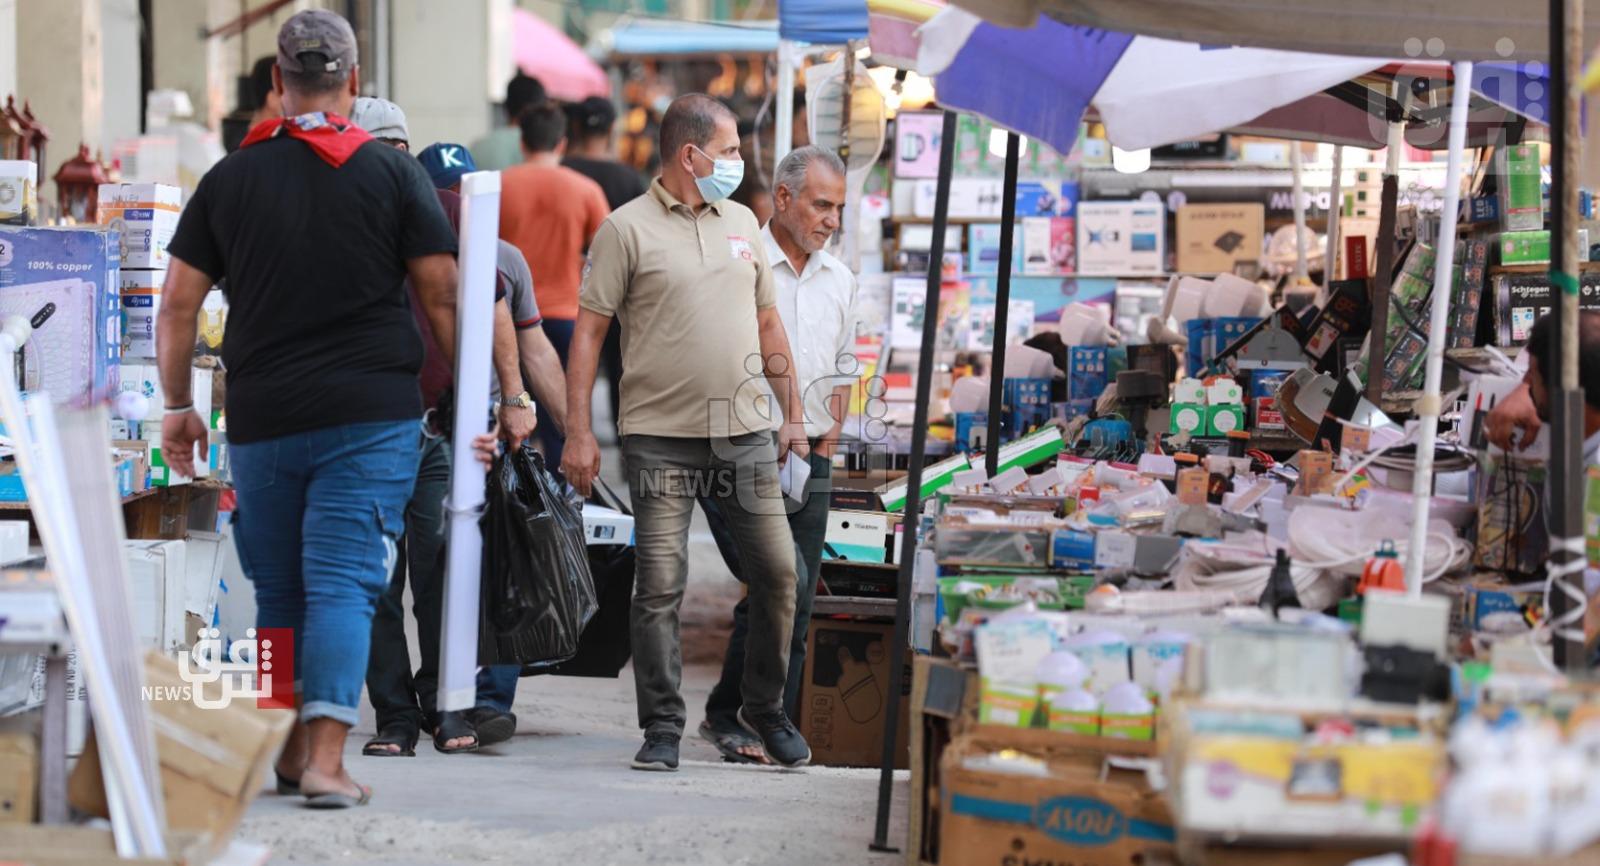 النقد الدولي يتوقع نمواً كبيراً بالاقتصاد العراقي وتراجع التضخم في 2022